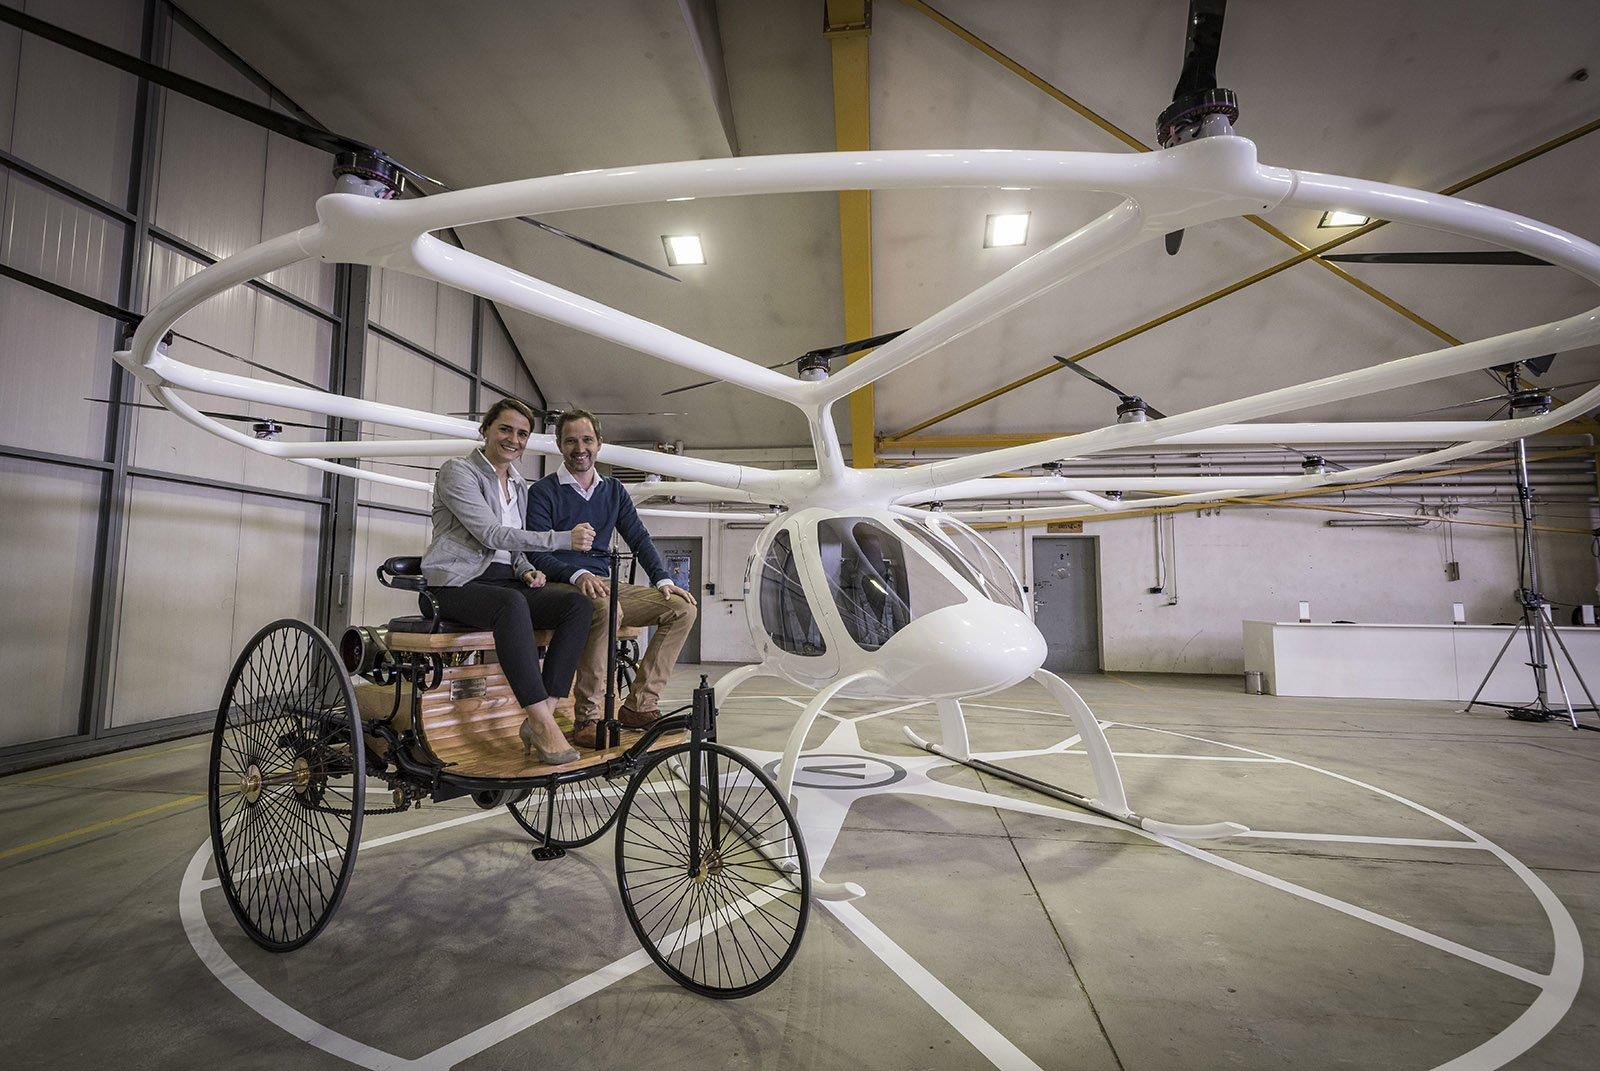 Lab 1886 är en referens till när Gottlieb Daimler och Carl Benz uppfann bilen år 1886.